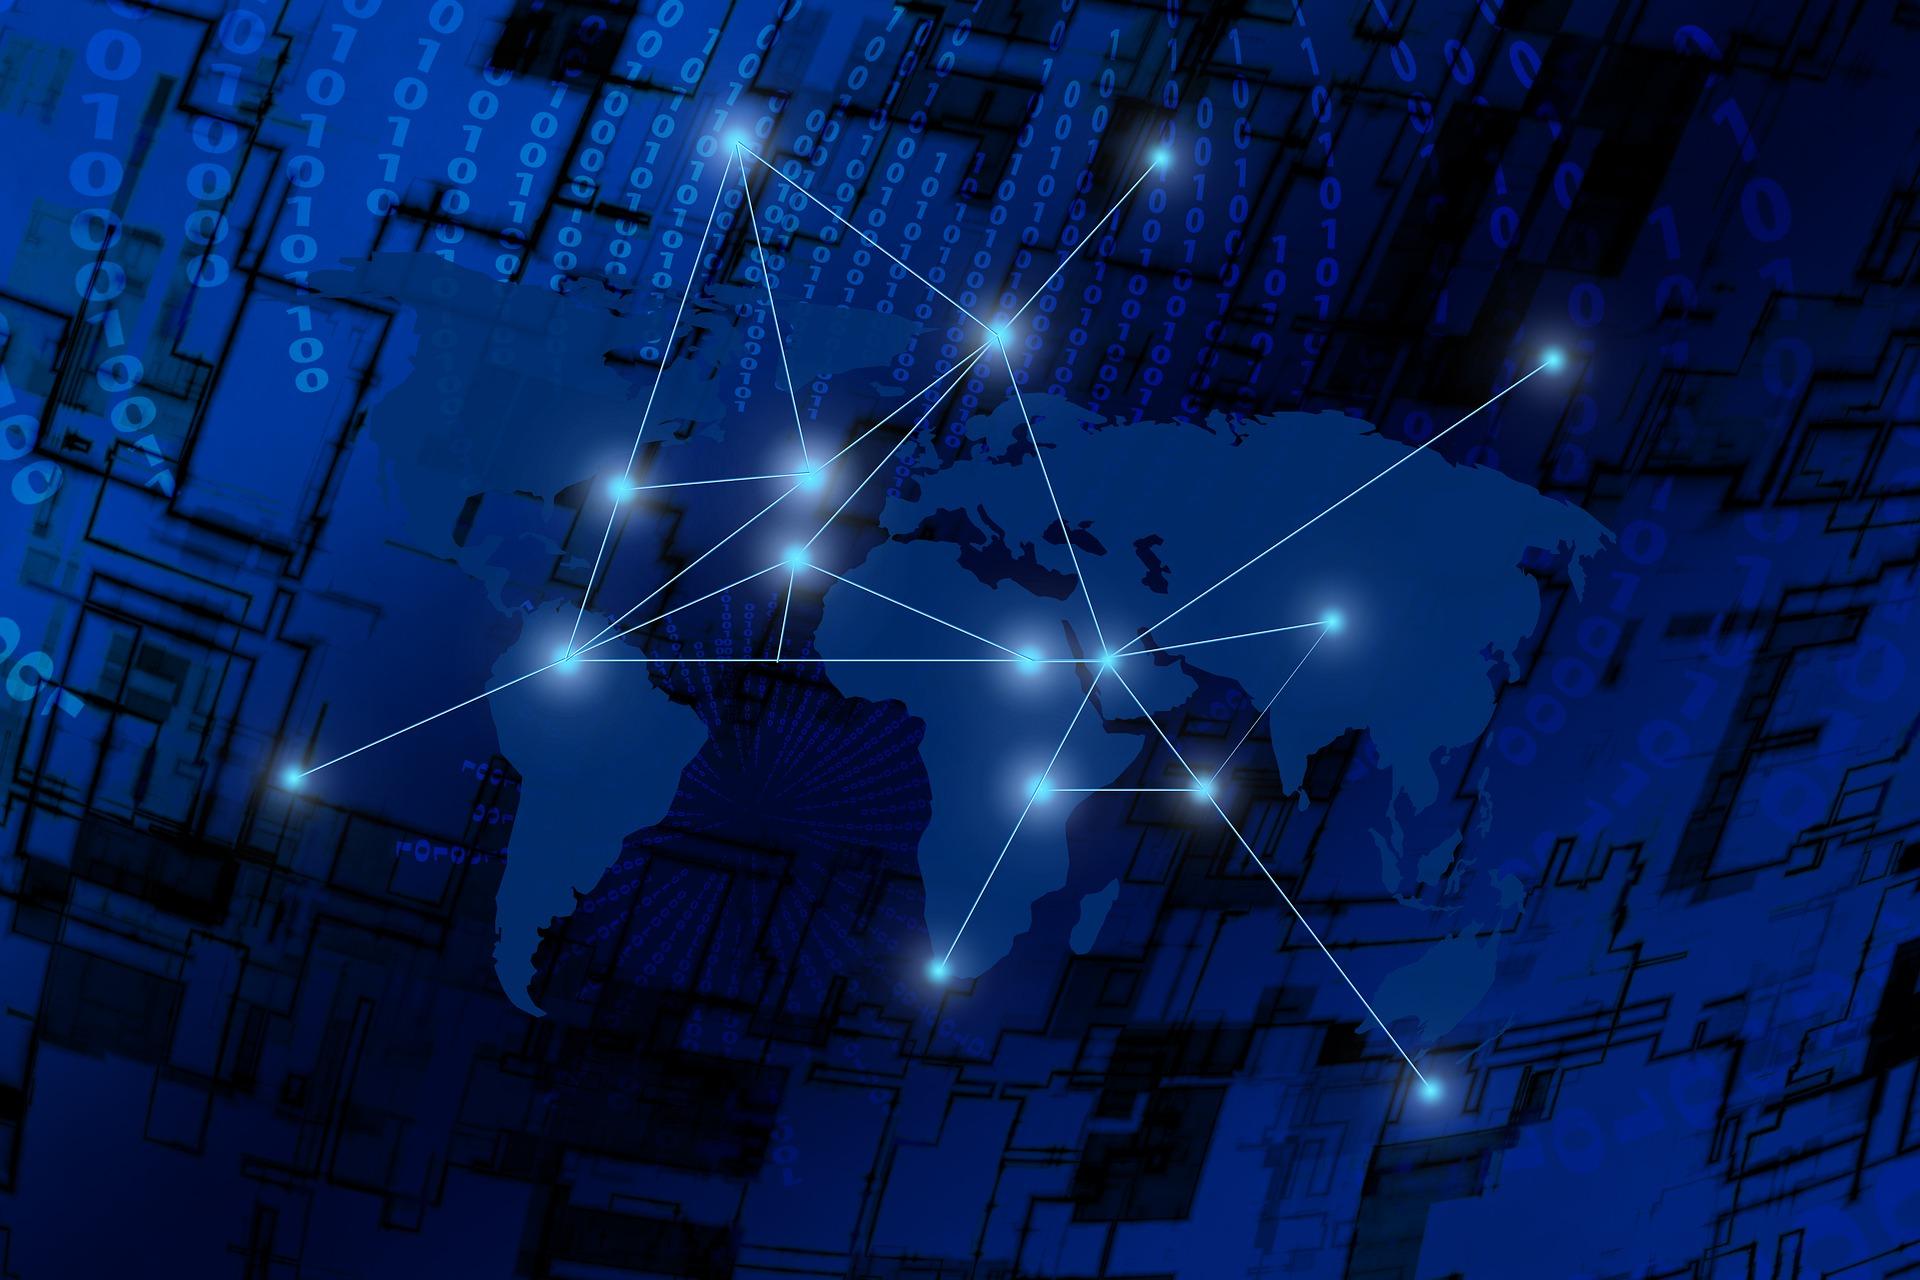 Der Masterplan zur Digitalen Transformation auf einer Seite! (Gastbeitrag)